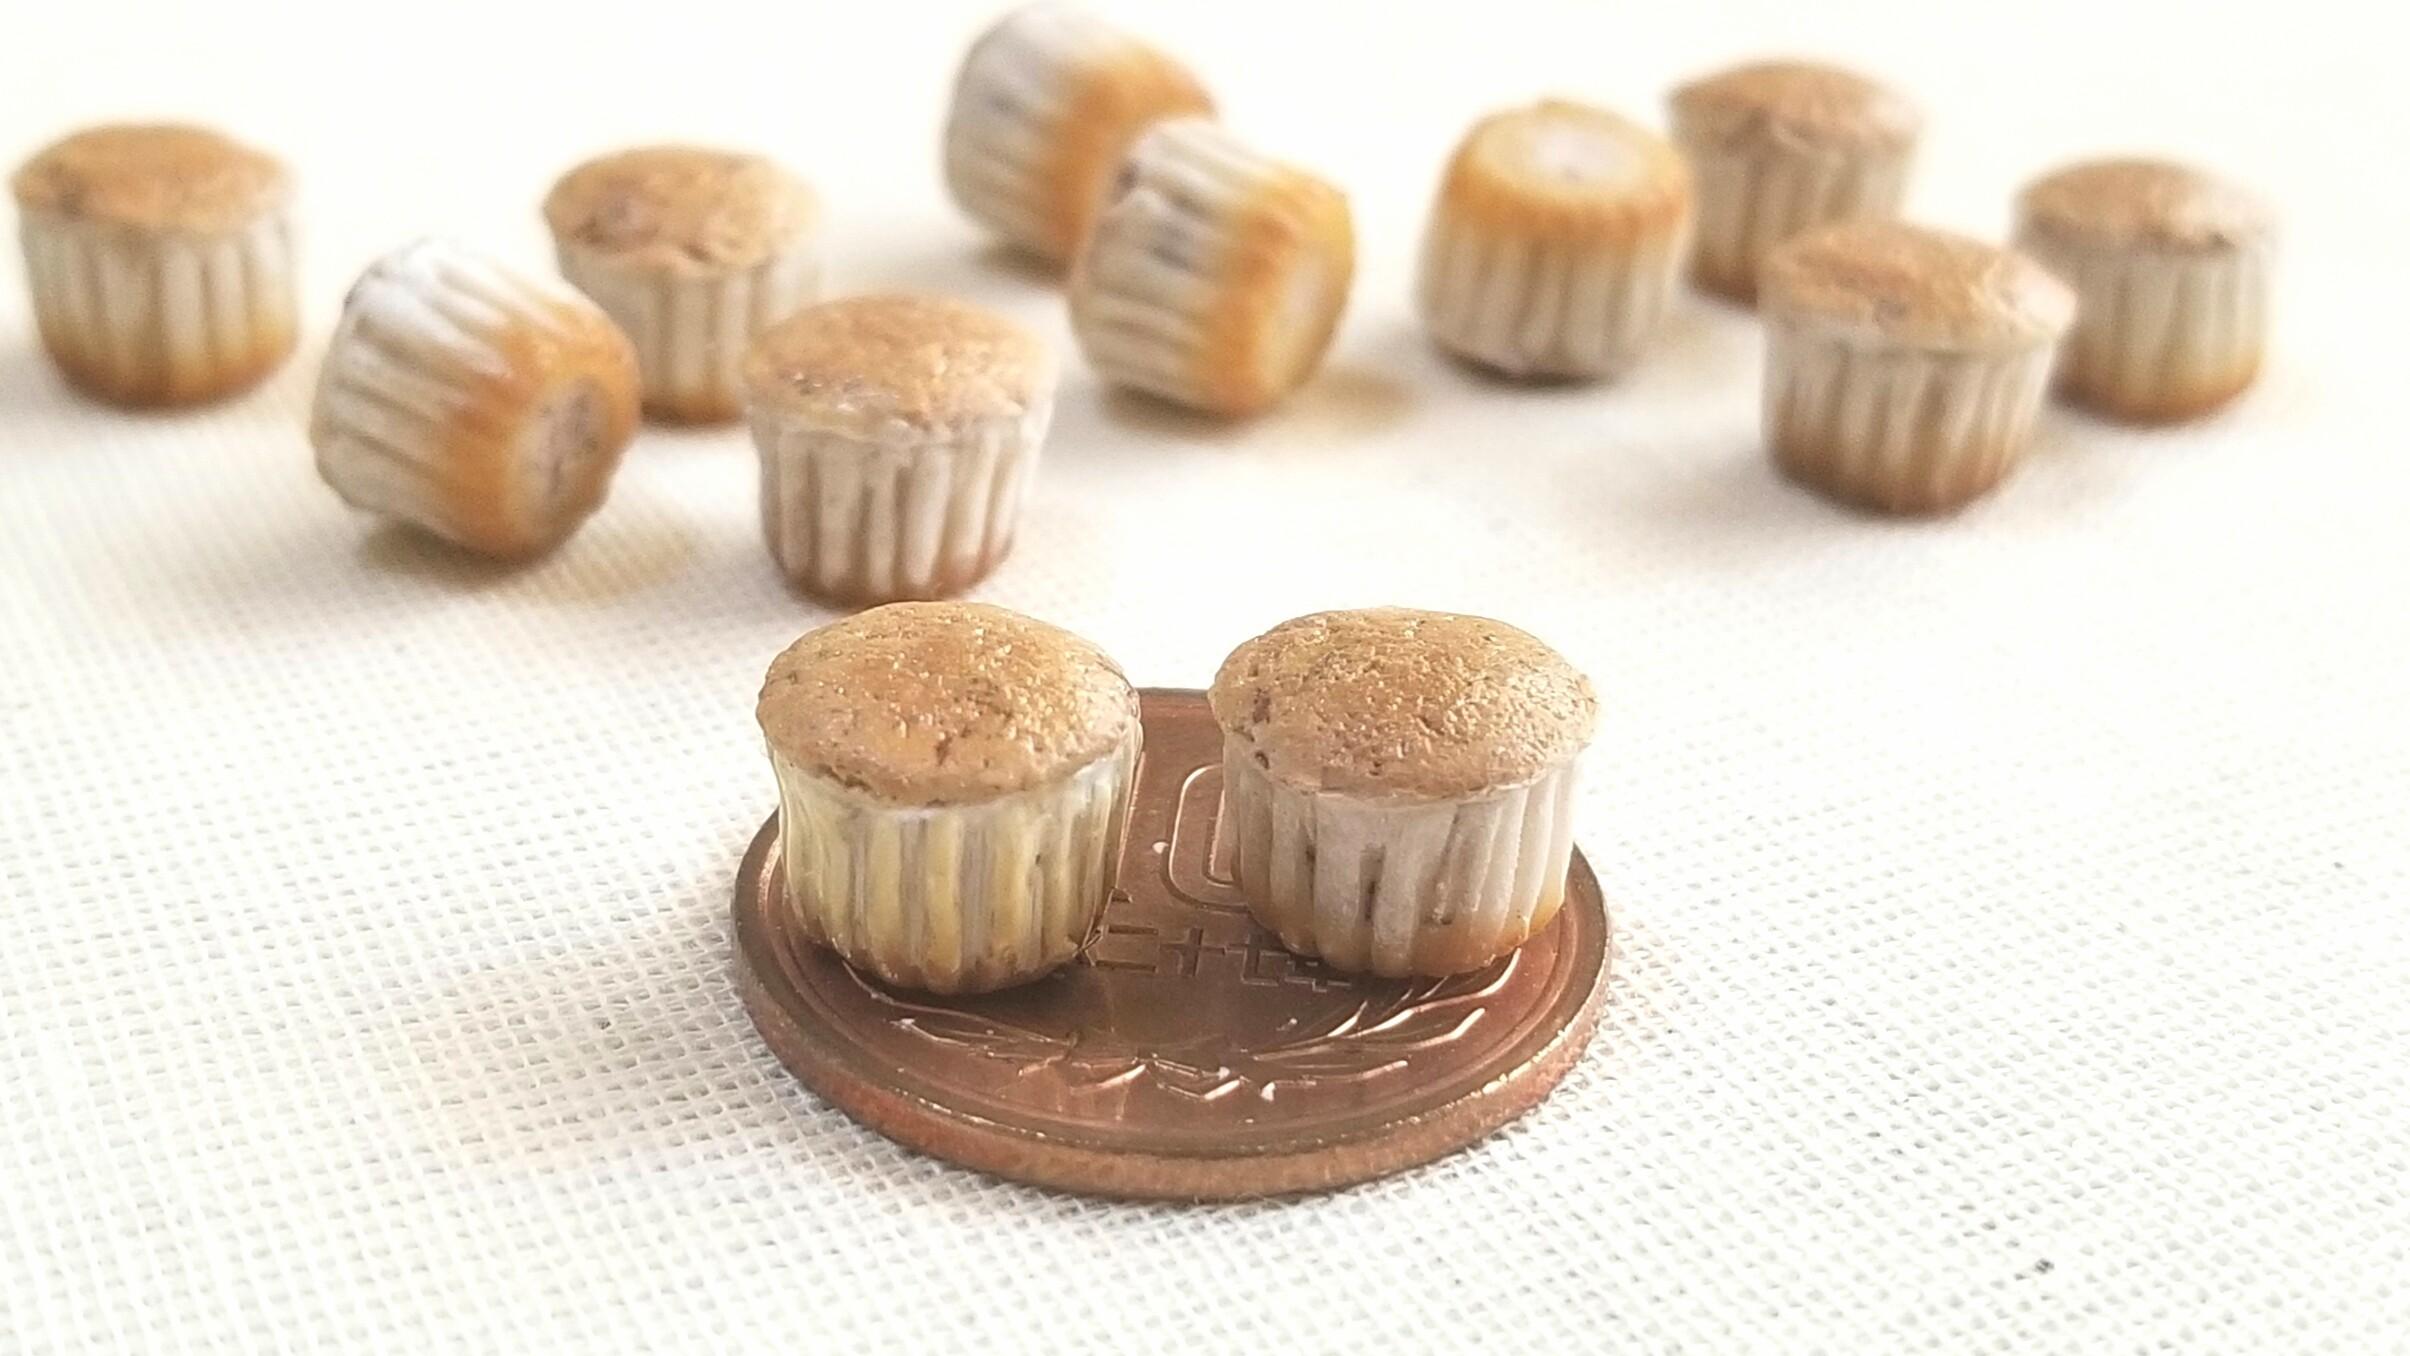 ミニチュアフード樹脂粘土アート小さな世界可愛いカップケーキ洋菓子